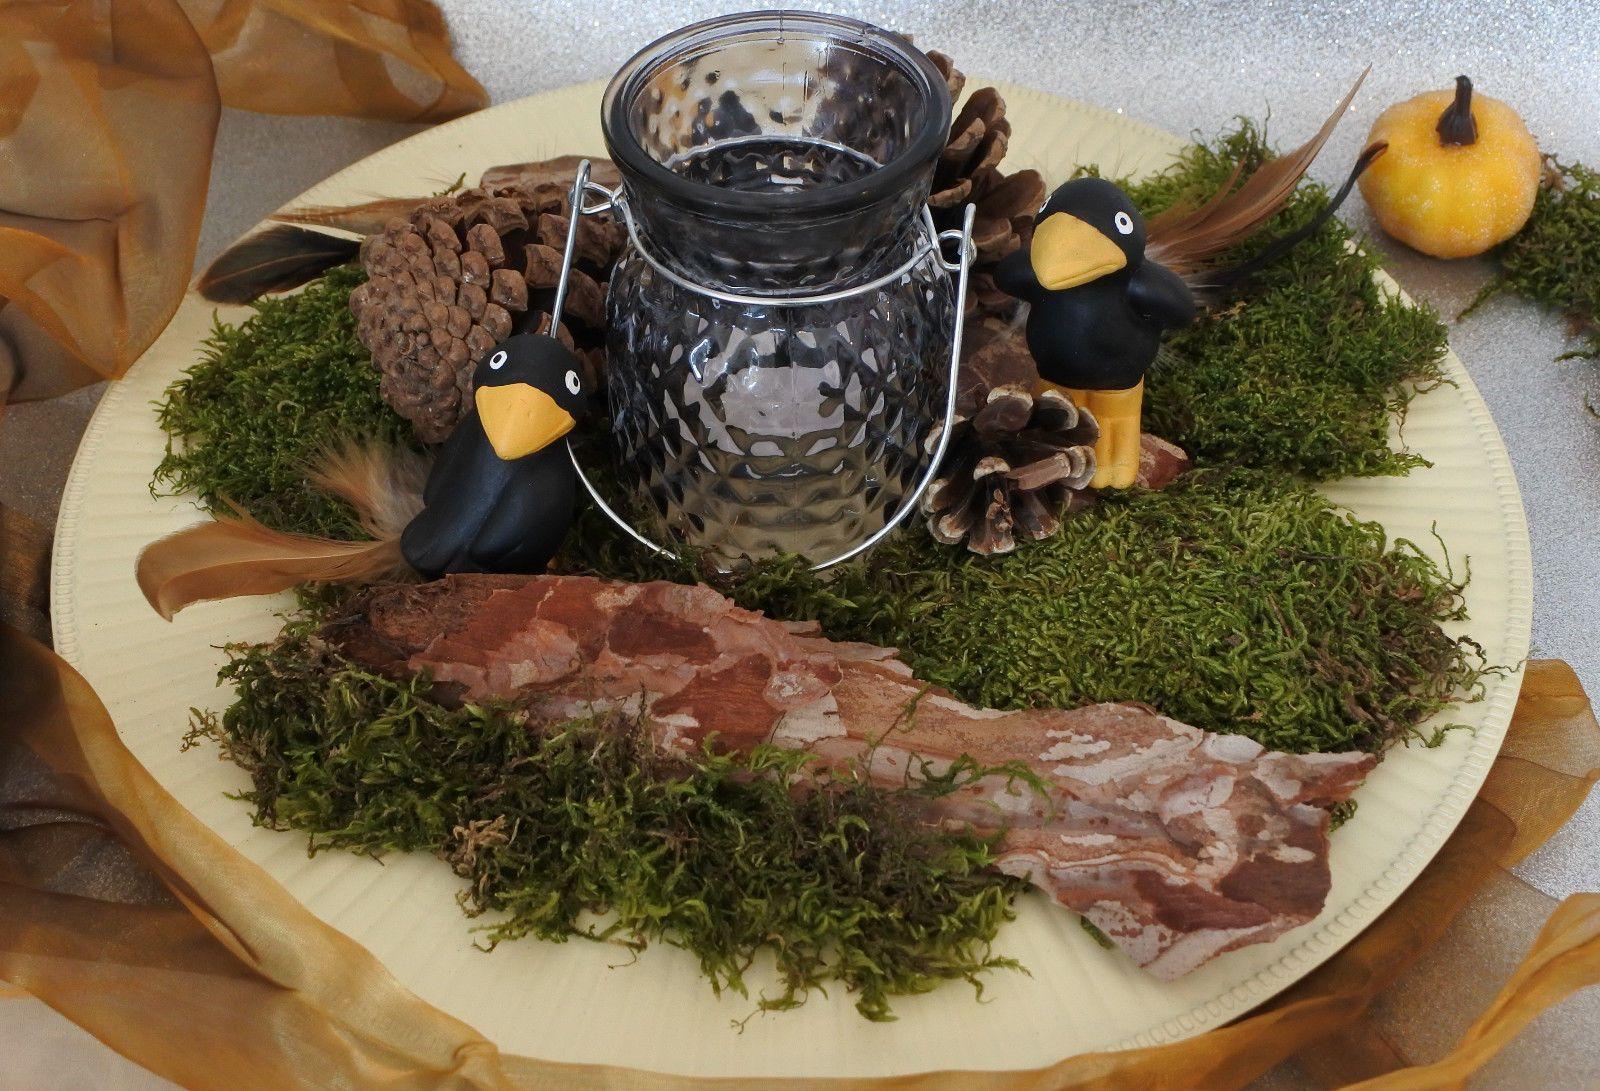 Herbst Dekoration Gesteck Herbstdeko Tischdeko Teller Kerze Rabe